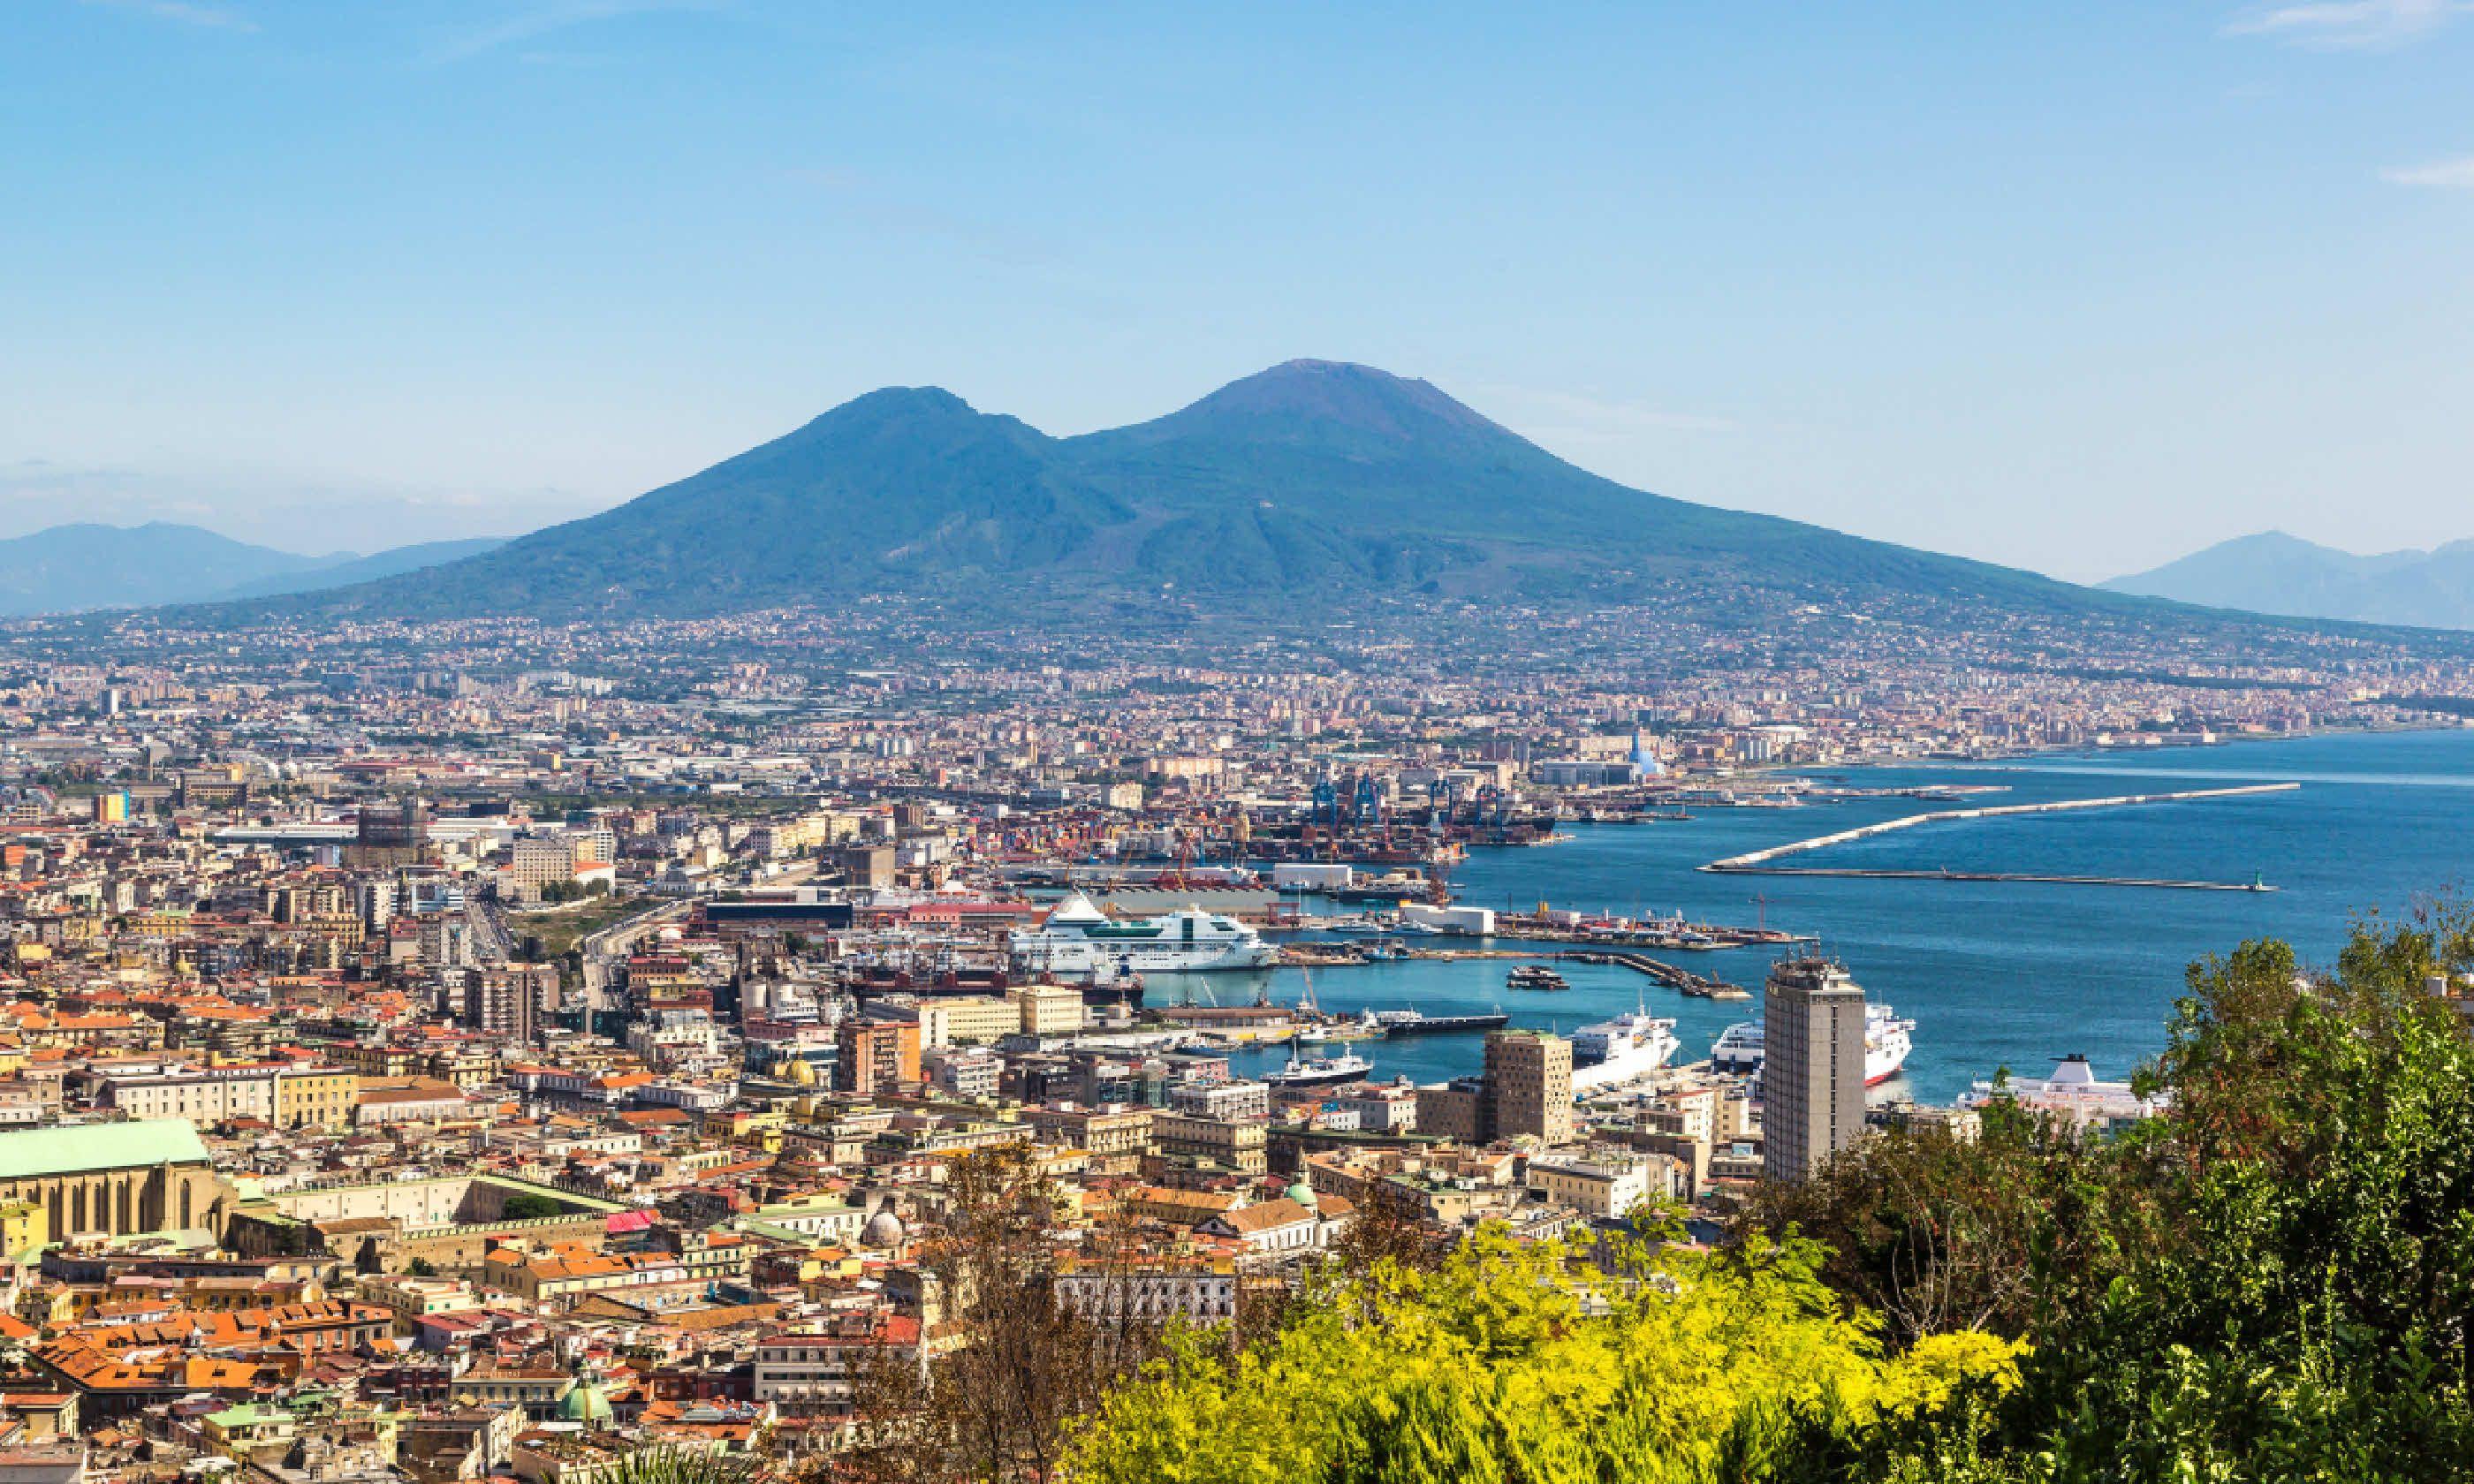 Mount Vesuvius overlooking Naples (Shutterstock)